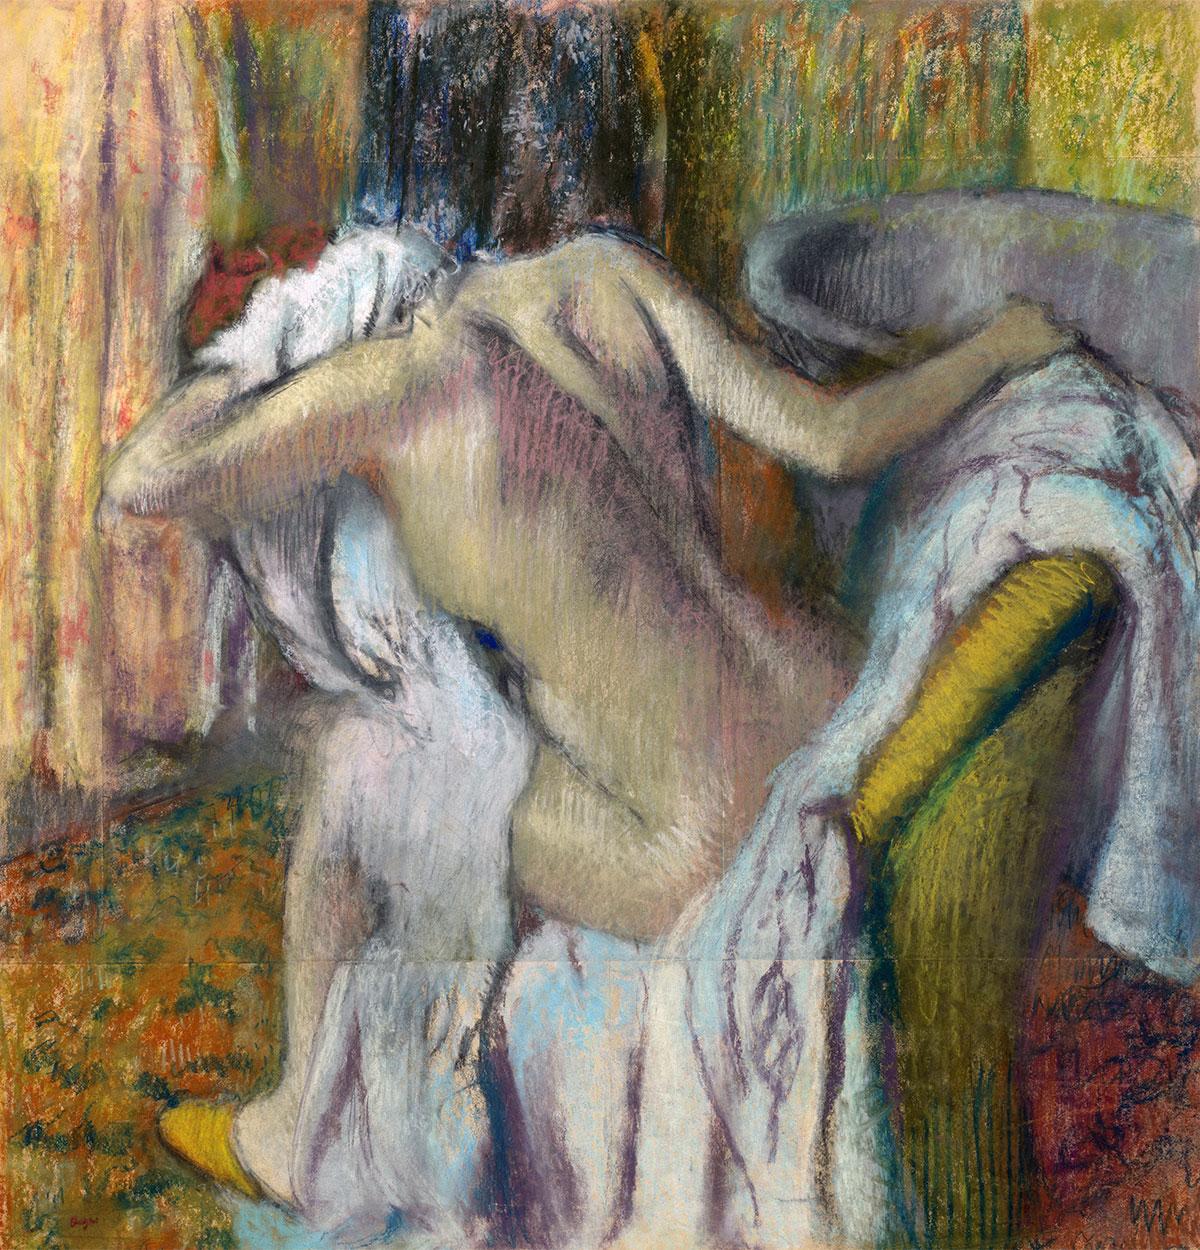 Dopo il bagno, donna che si asciuga (After the Bath, Woman drying herself) - quadro di Edgar Degas